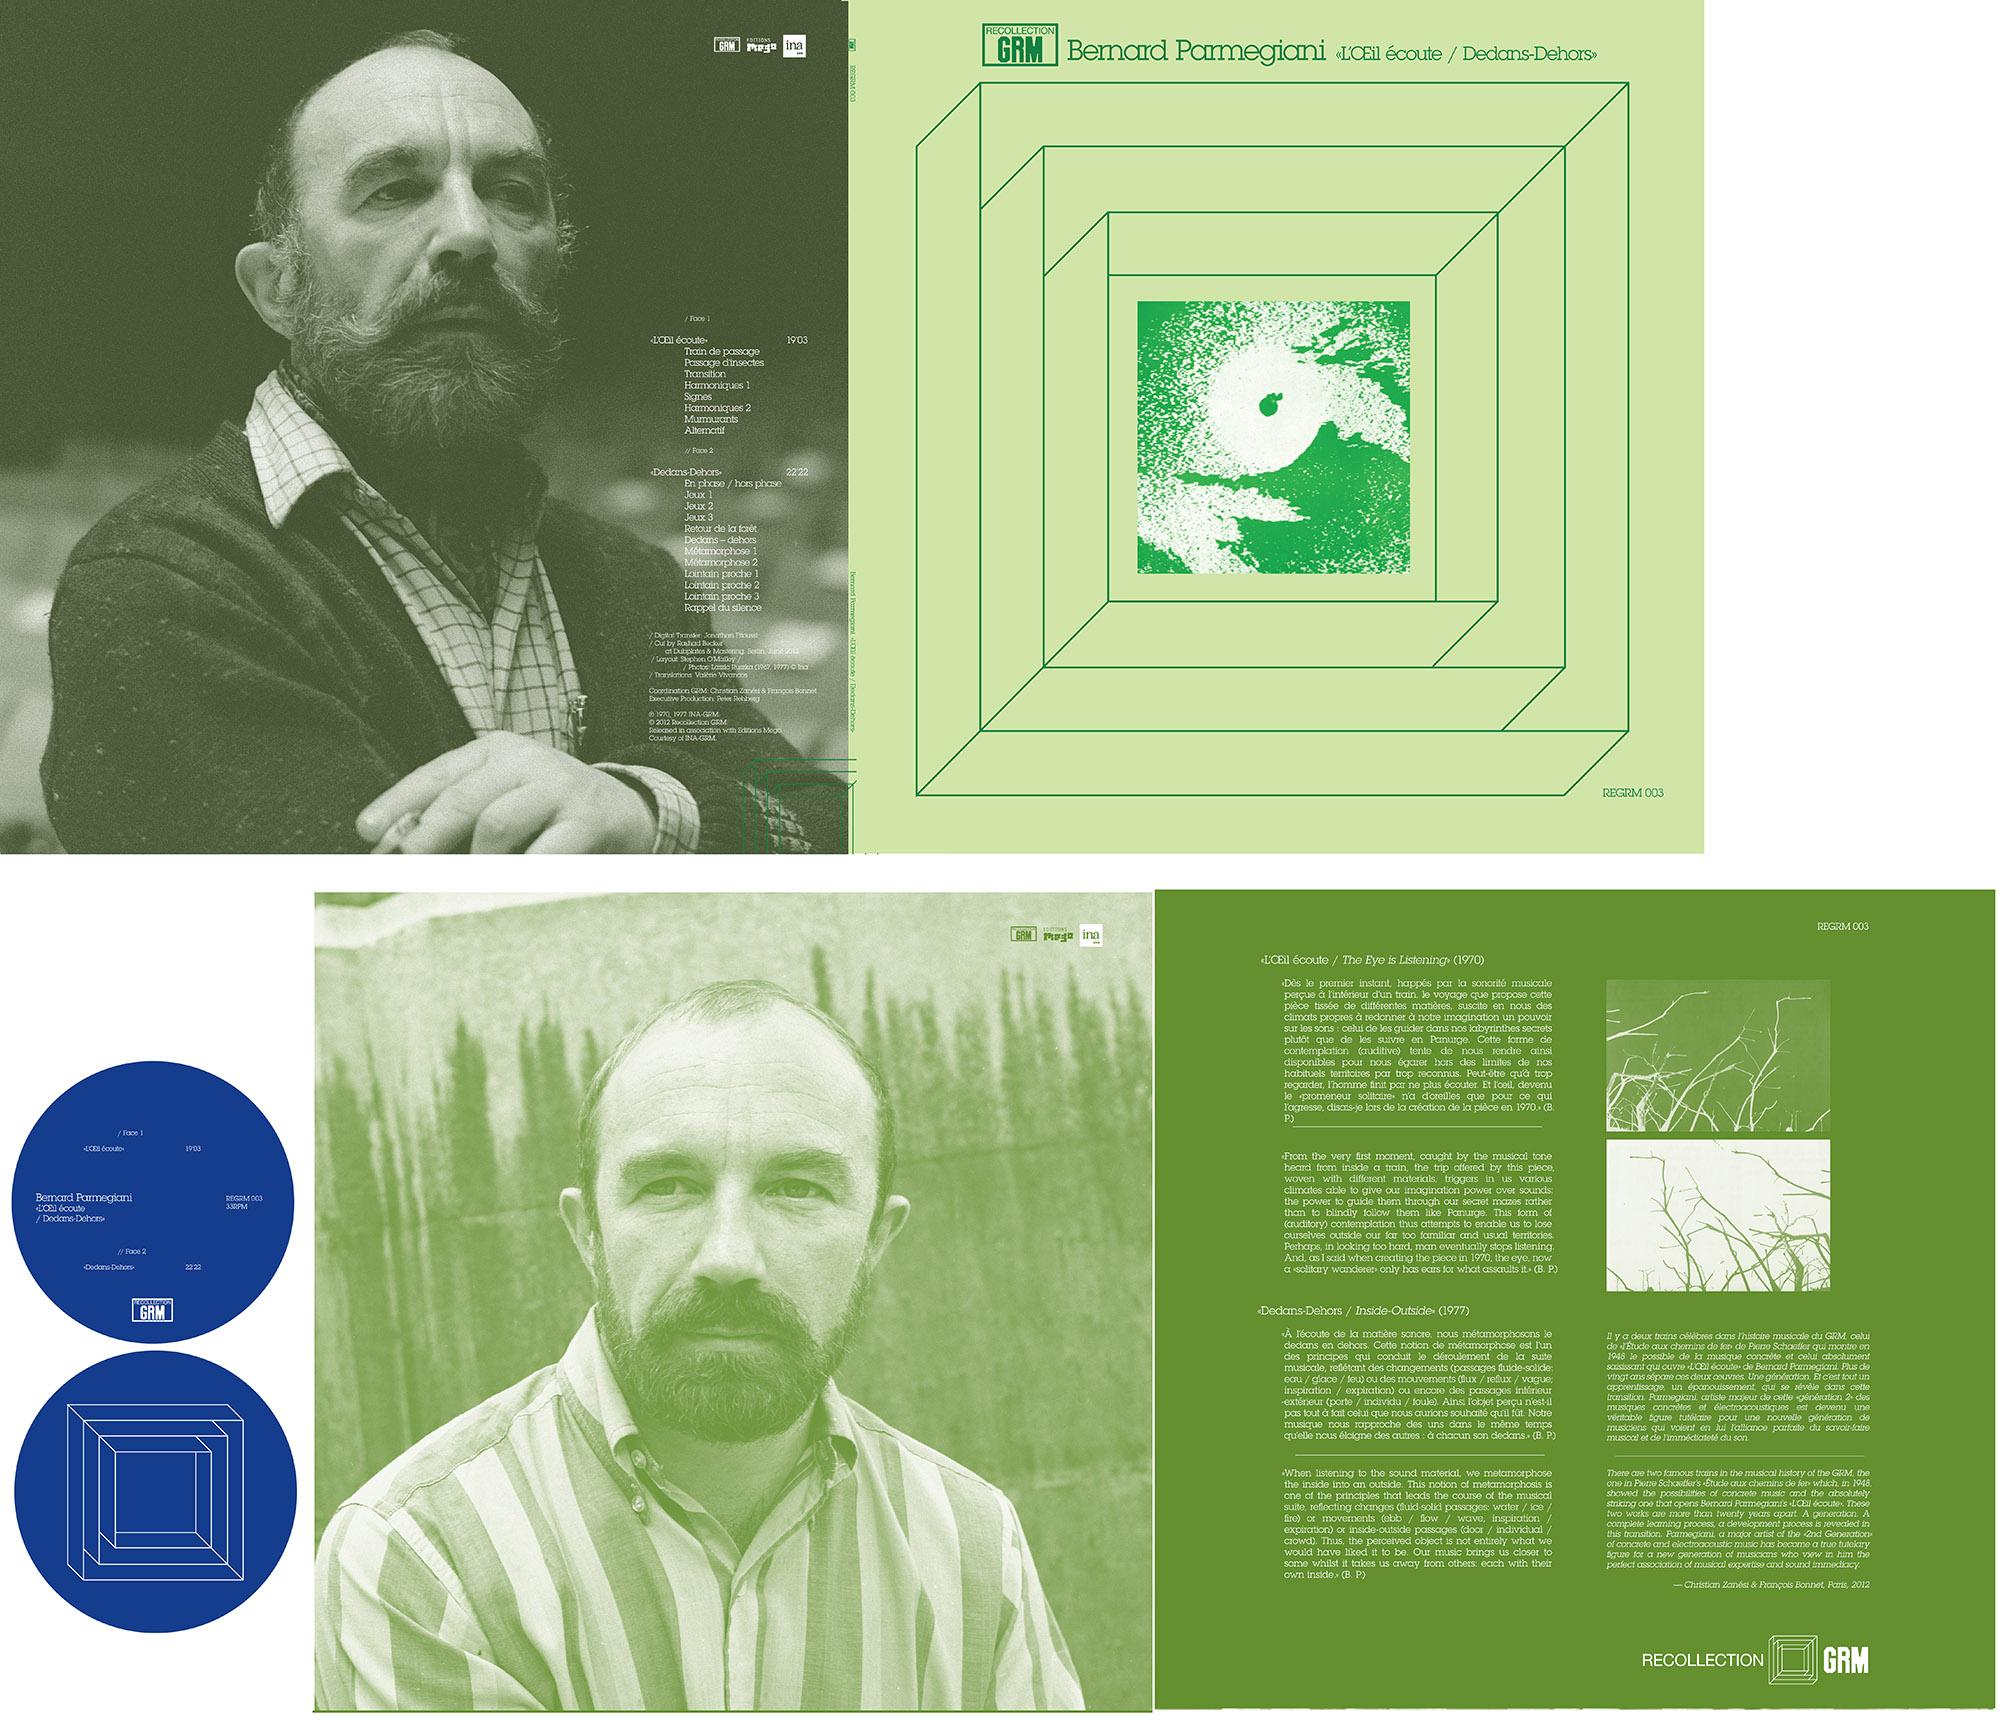 REGRM 003 Bernard Parmegiani «L'Œil écoute / Dedans-Dehors» LP design